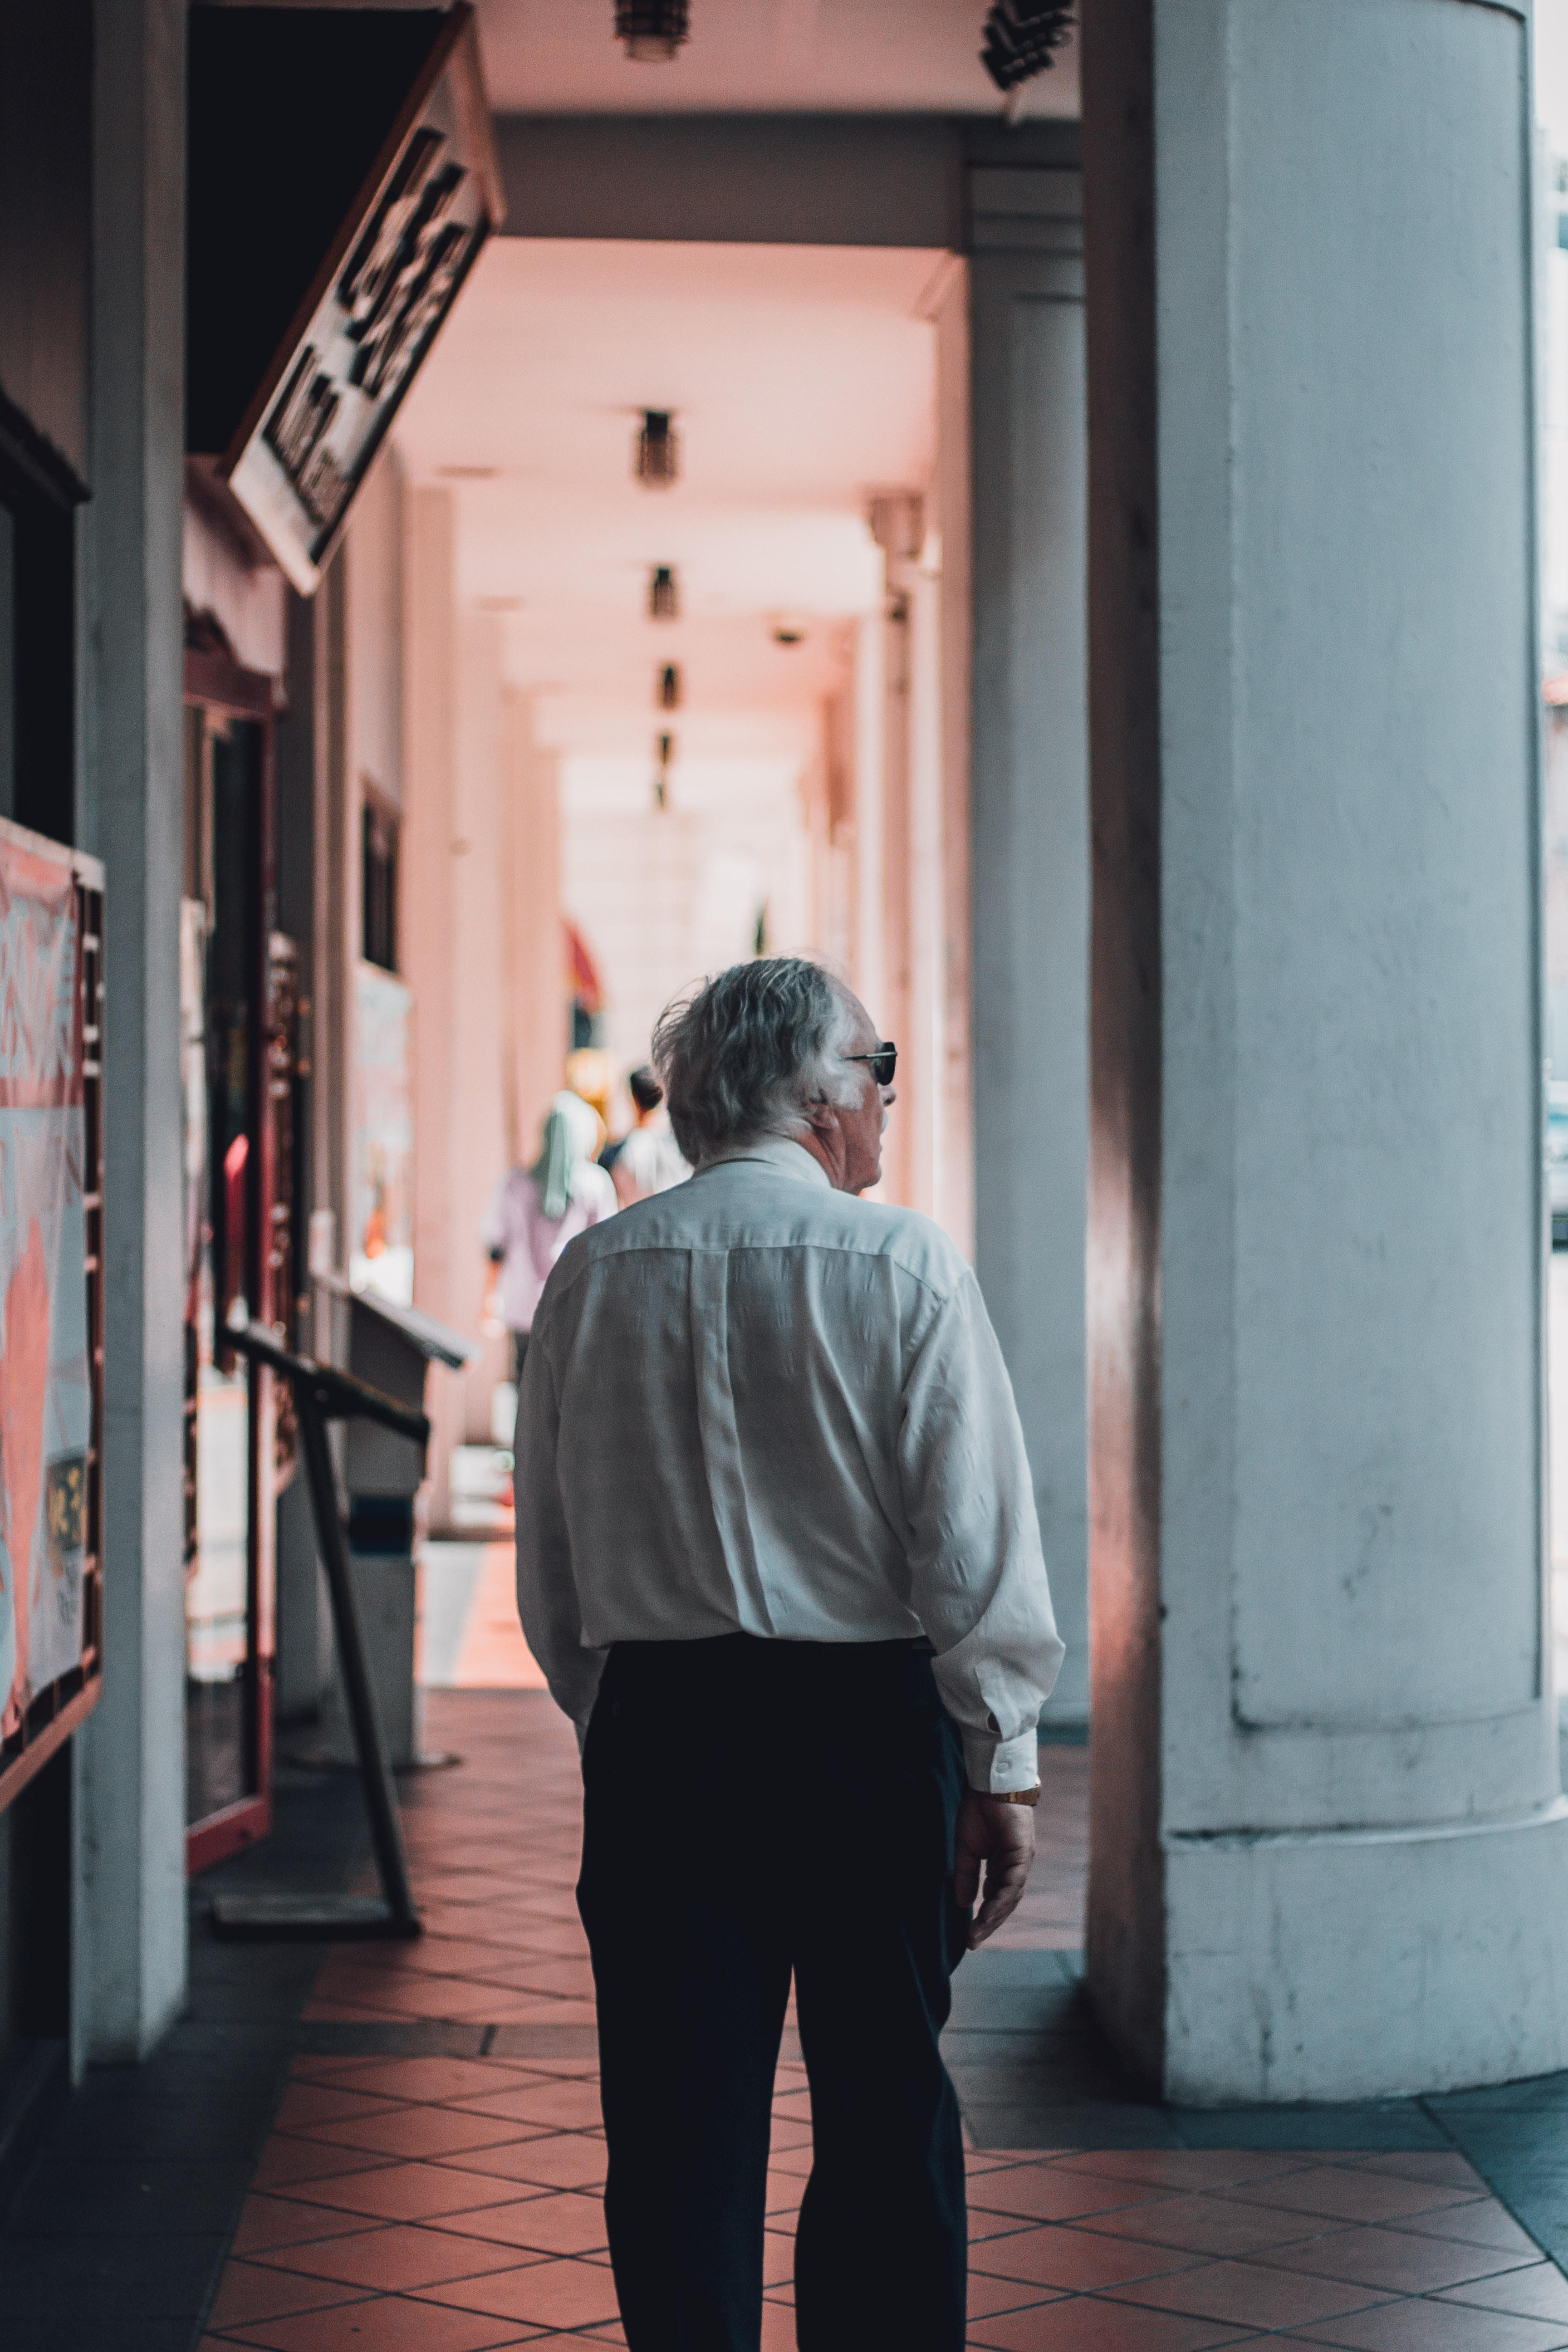 man wearing white dress shirt walking on hallway